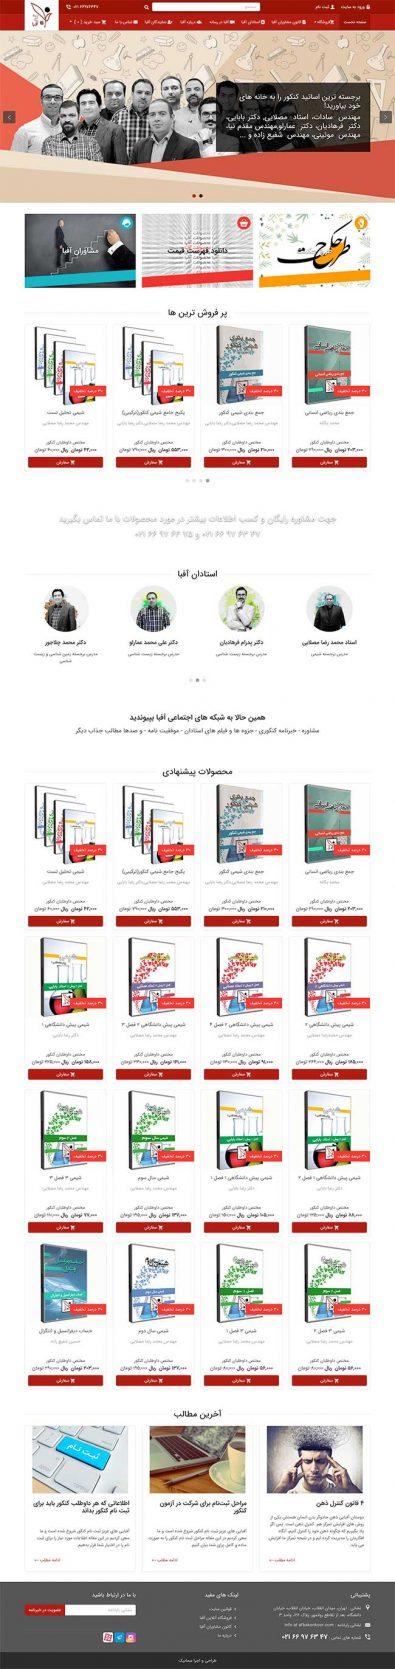 طراحی سایت فروشگاهی و آموزشی آفبا